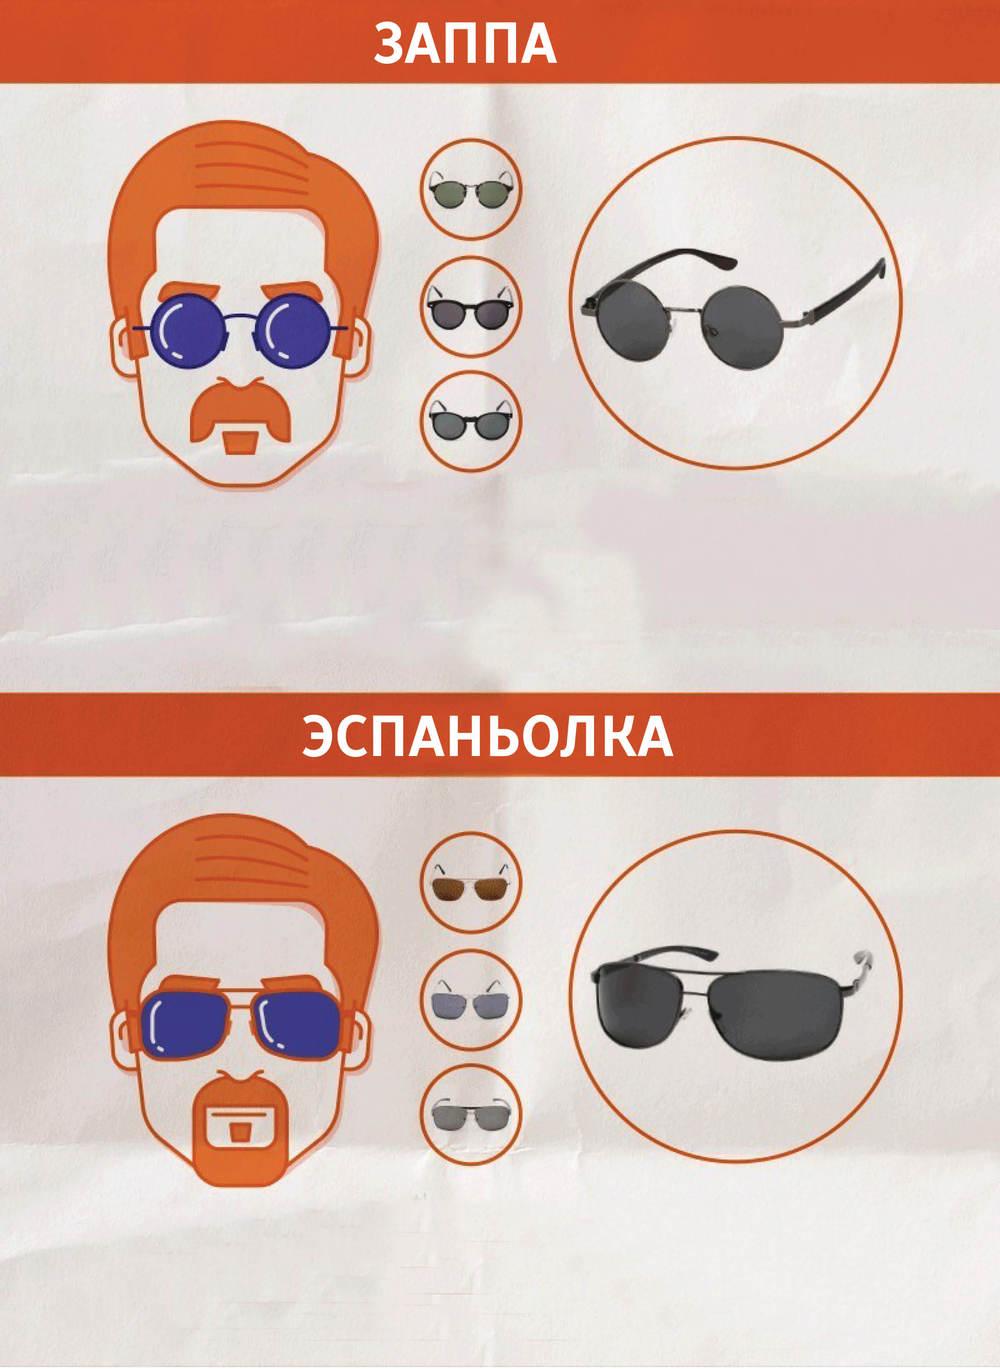 Битва за очки, или ребенок на приеме офтальмолога   милосердие.ru